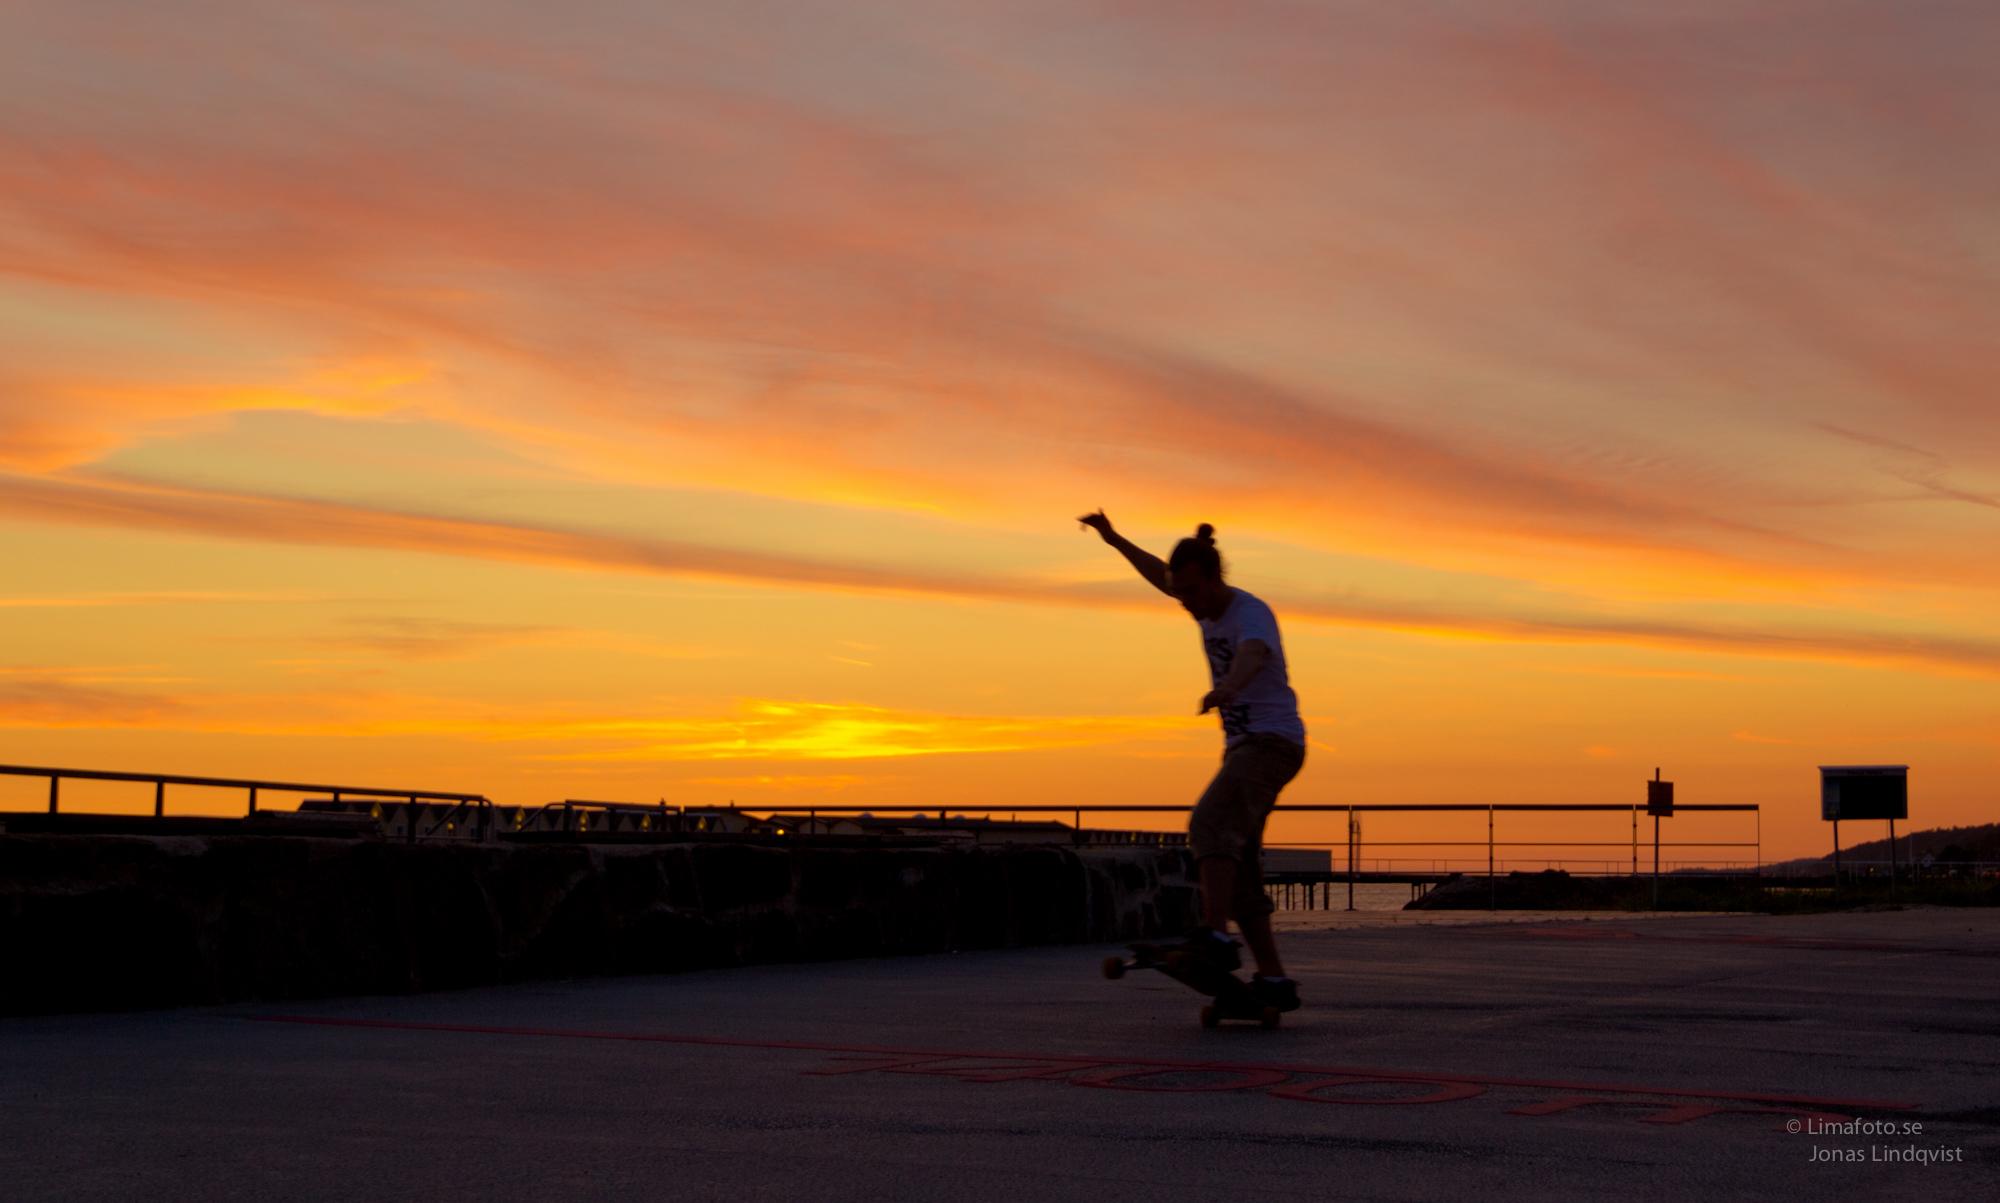 Skate_in_the_night